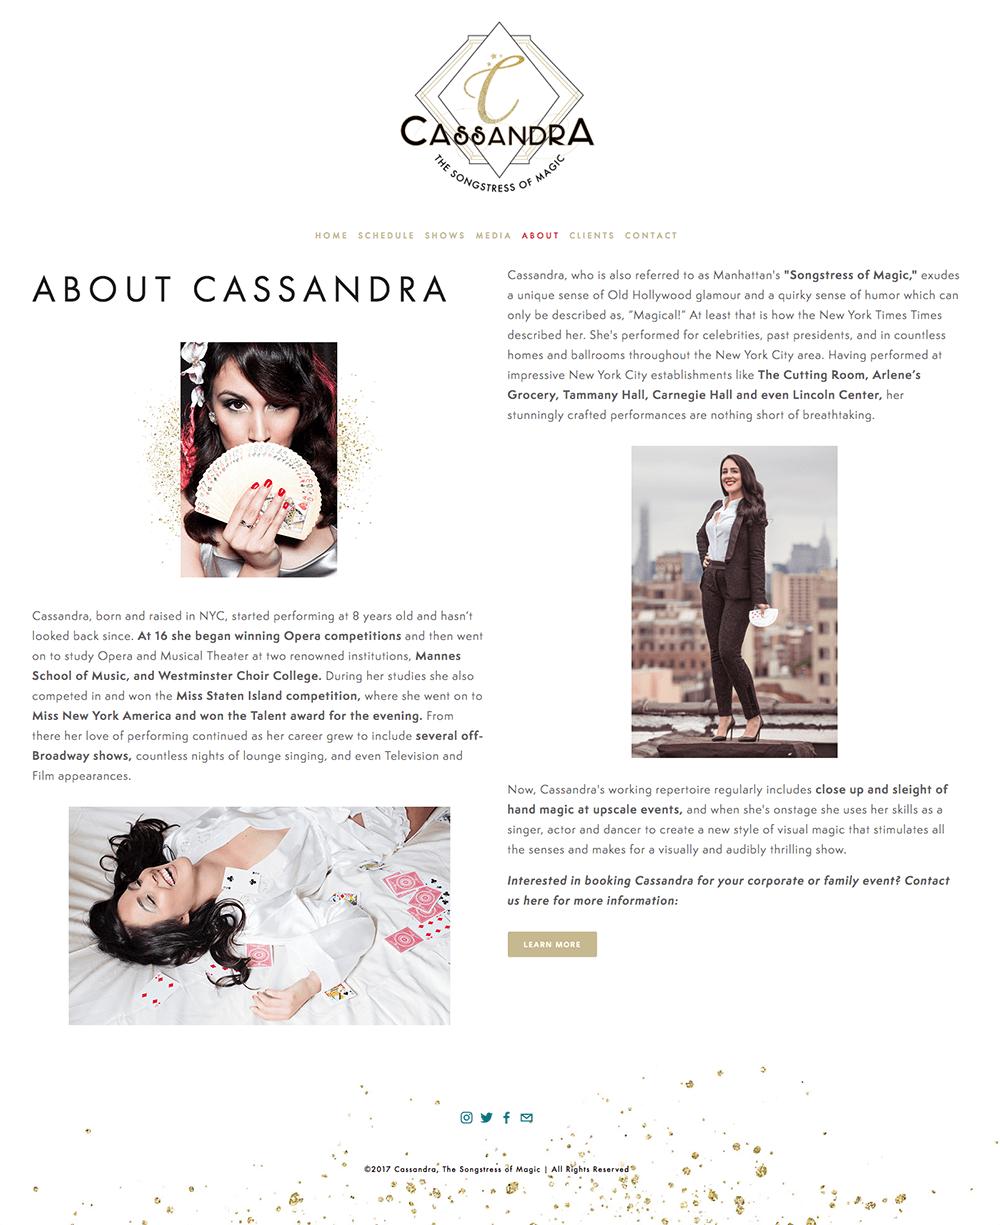 Website Design for Cassandra, The Songstress of Magic